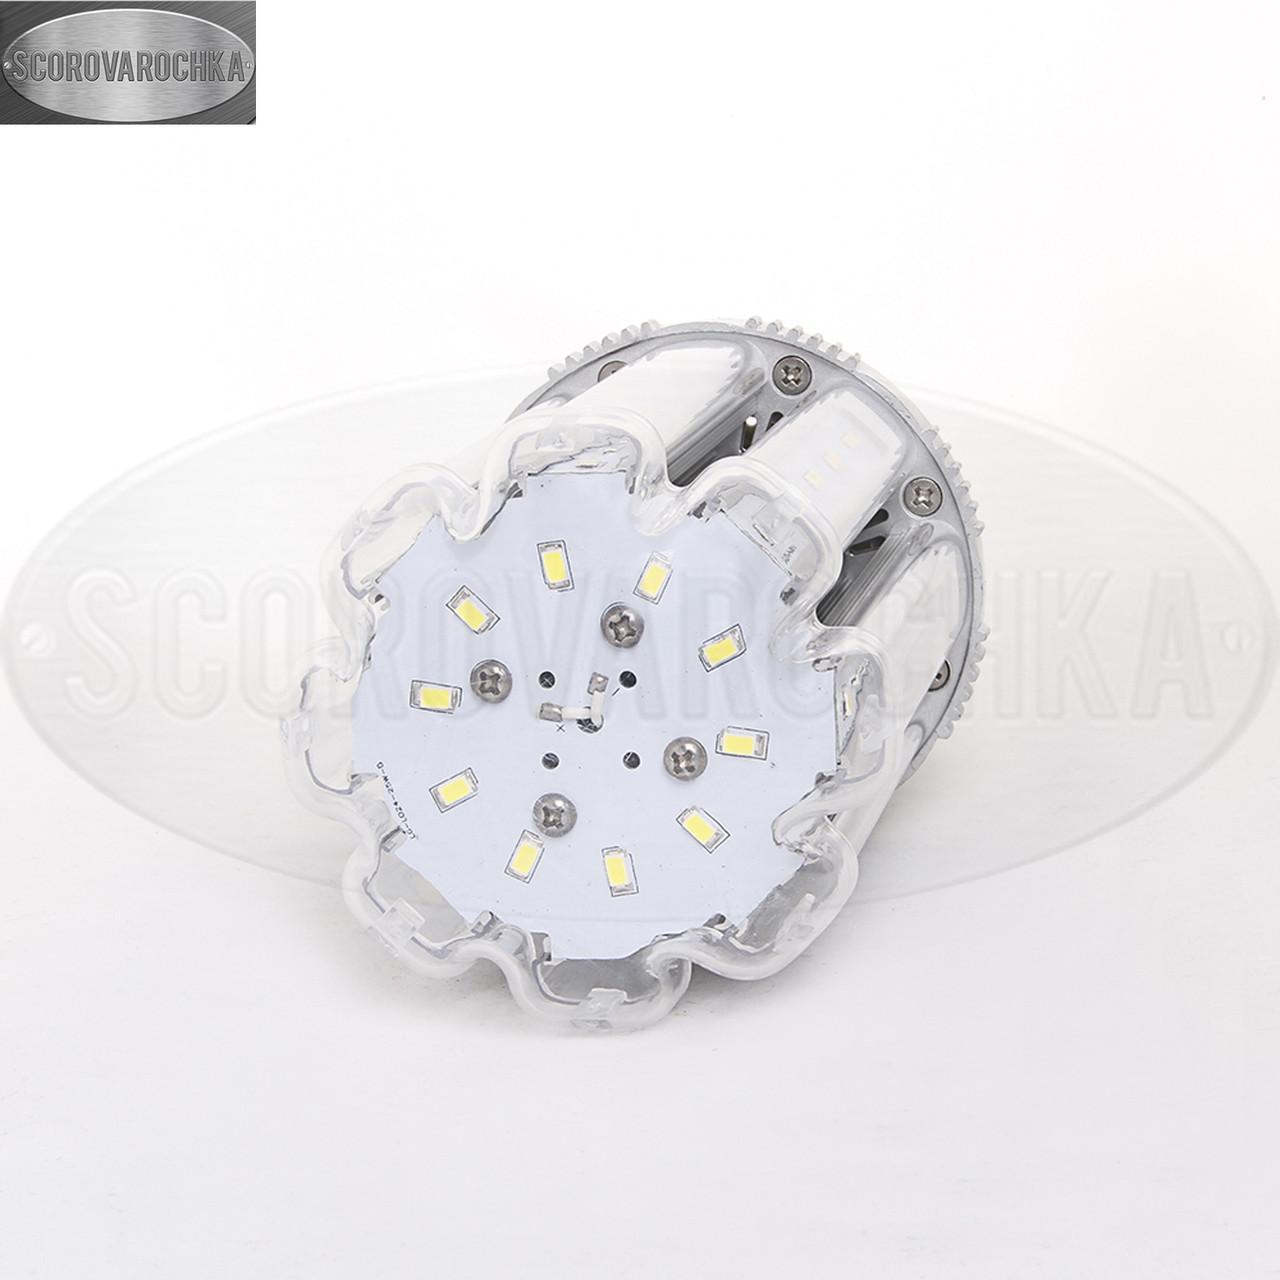 """Промышленное Светодиодное (LED) освещение GH-CL1-35W (3675 Lm),IP43 - """"SKOROVAROCHKA"""""""